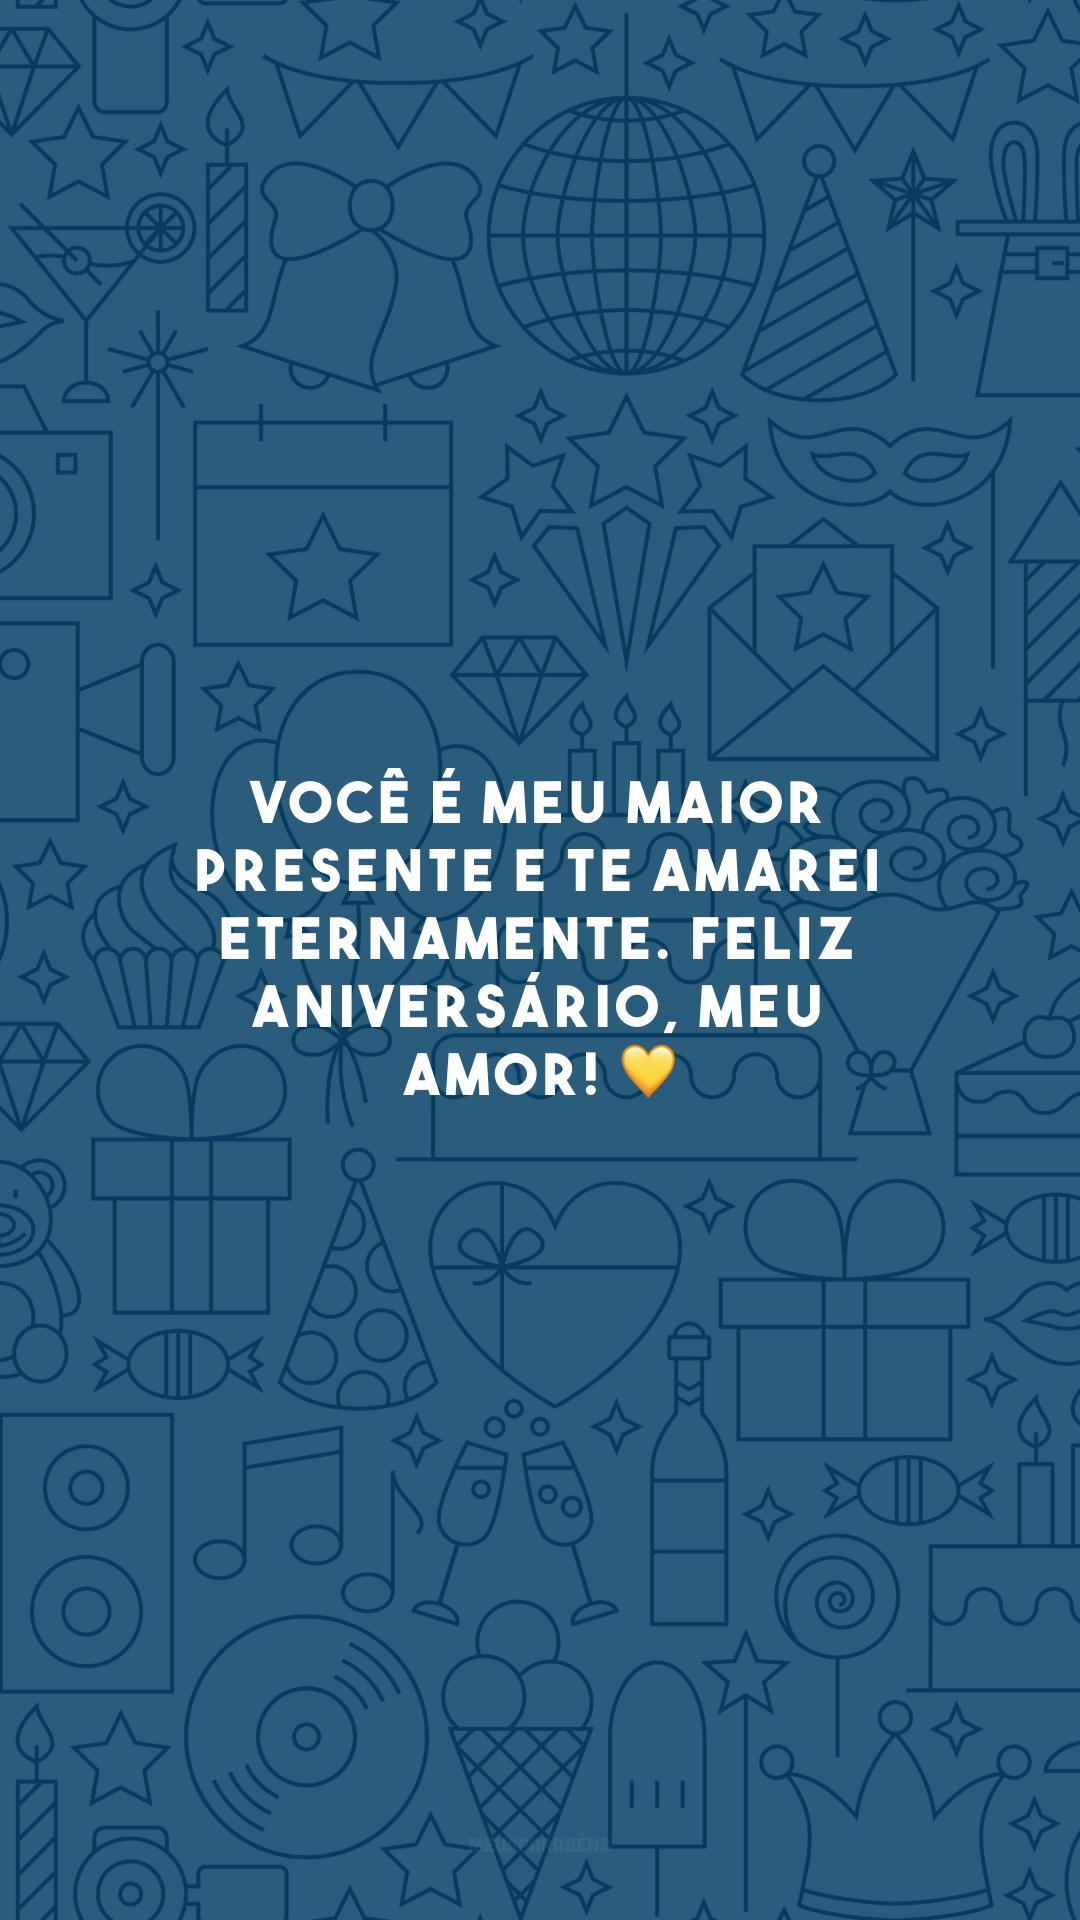 Você é meu maior presente e te amarei eternamente. Feliz aniversário, meu amor! 💛